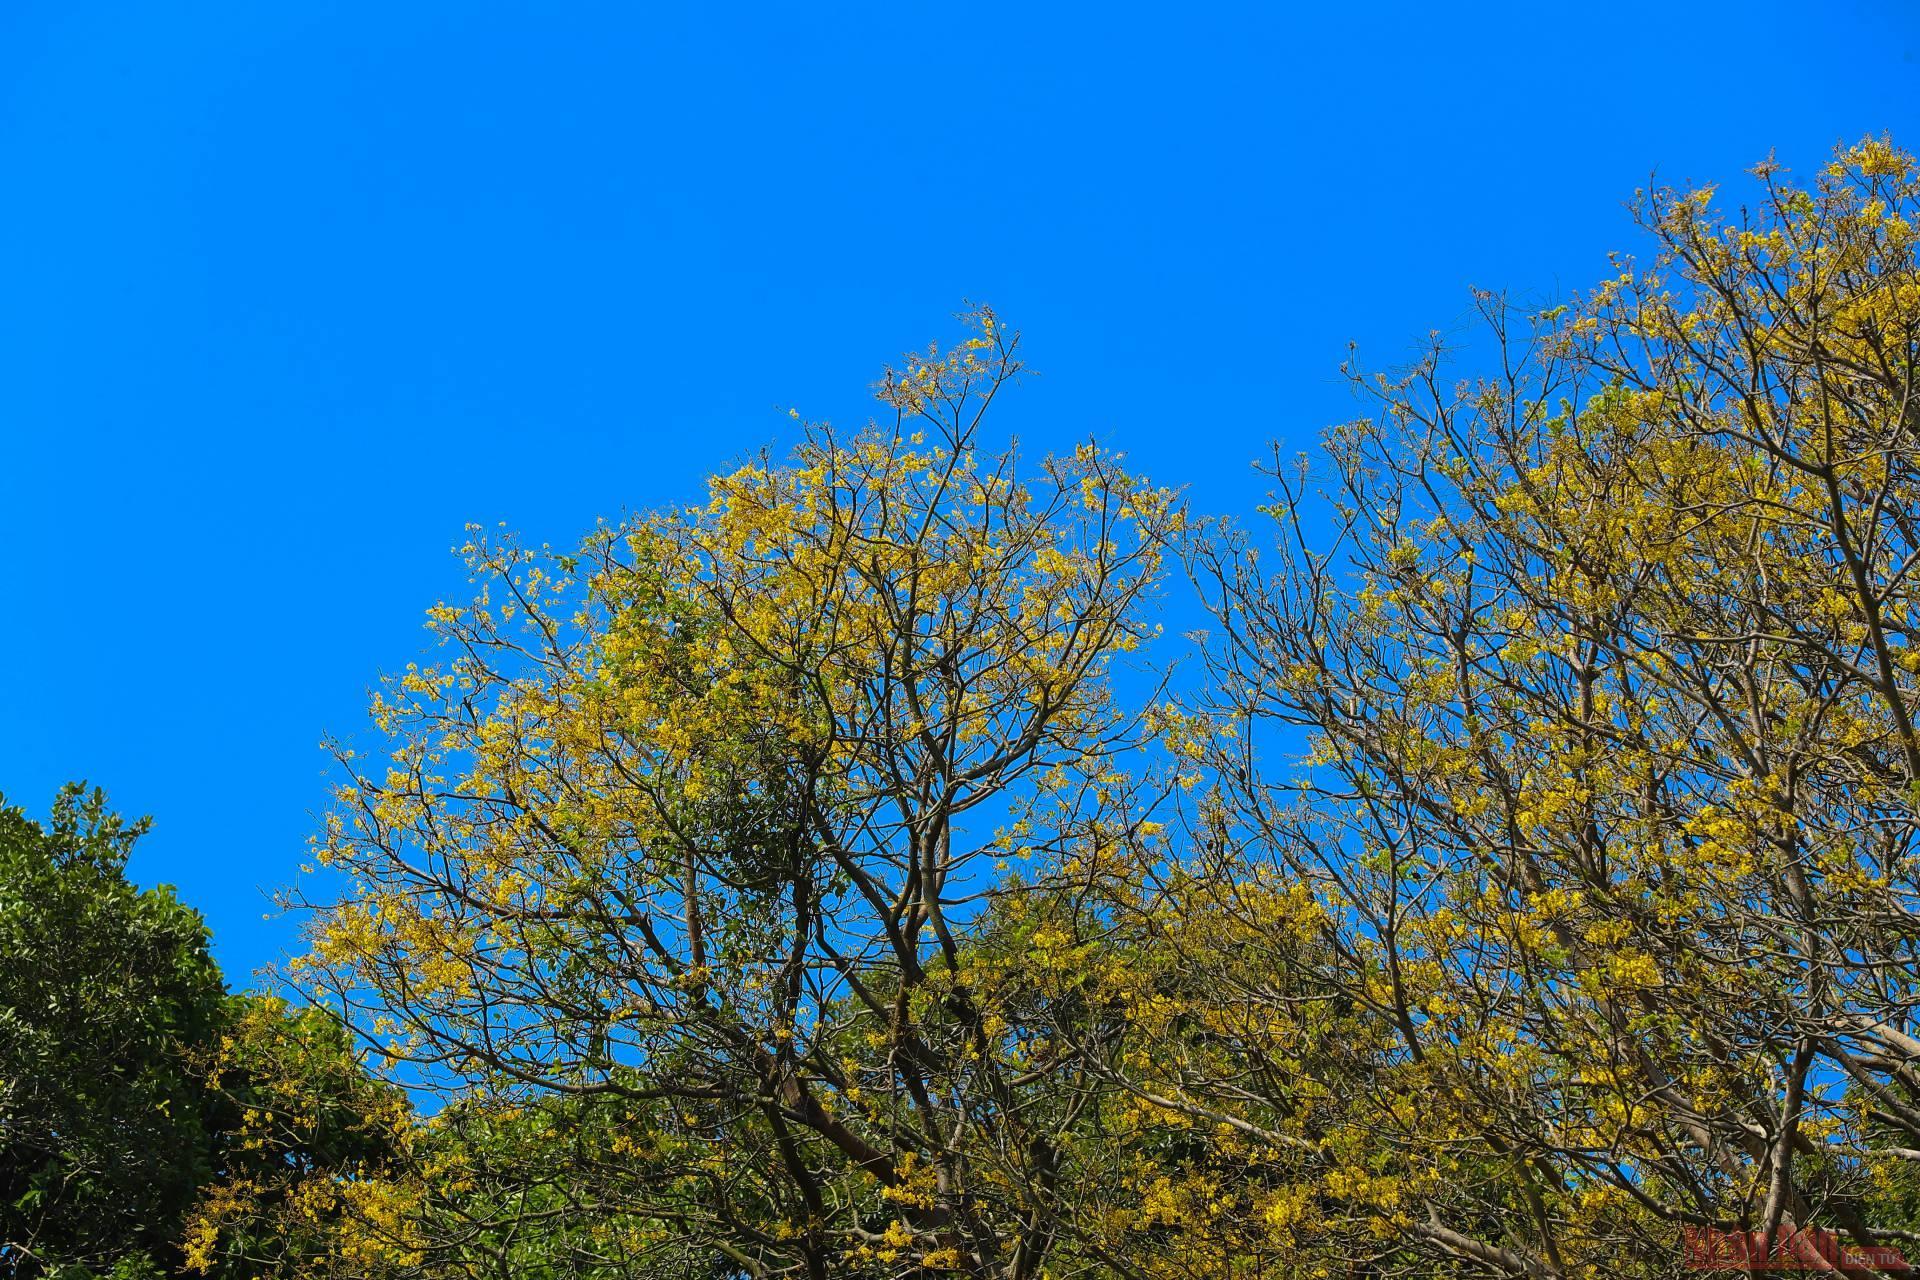 Voọc chà vá chân nâu giữa rừng hoa lim xẹt bán đảo Sơn Trà -0